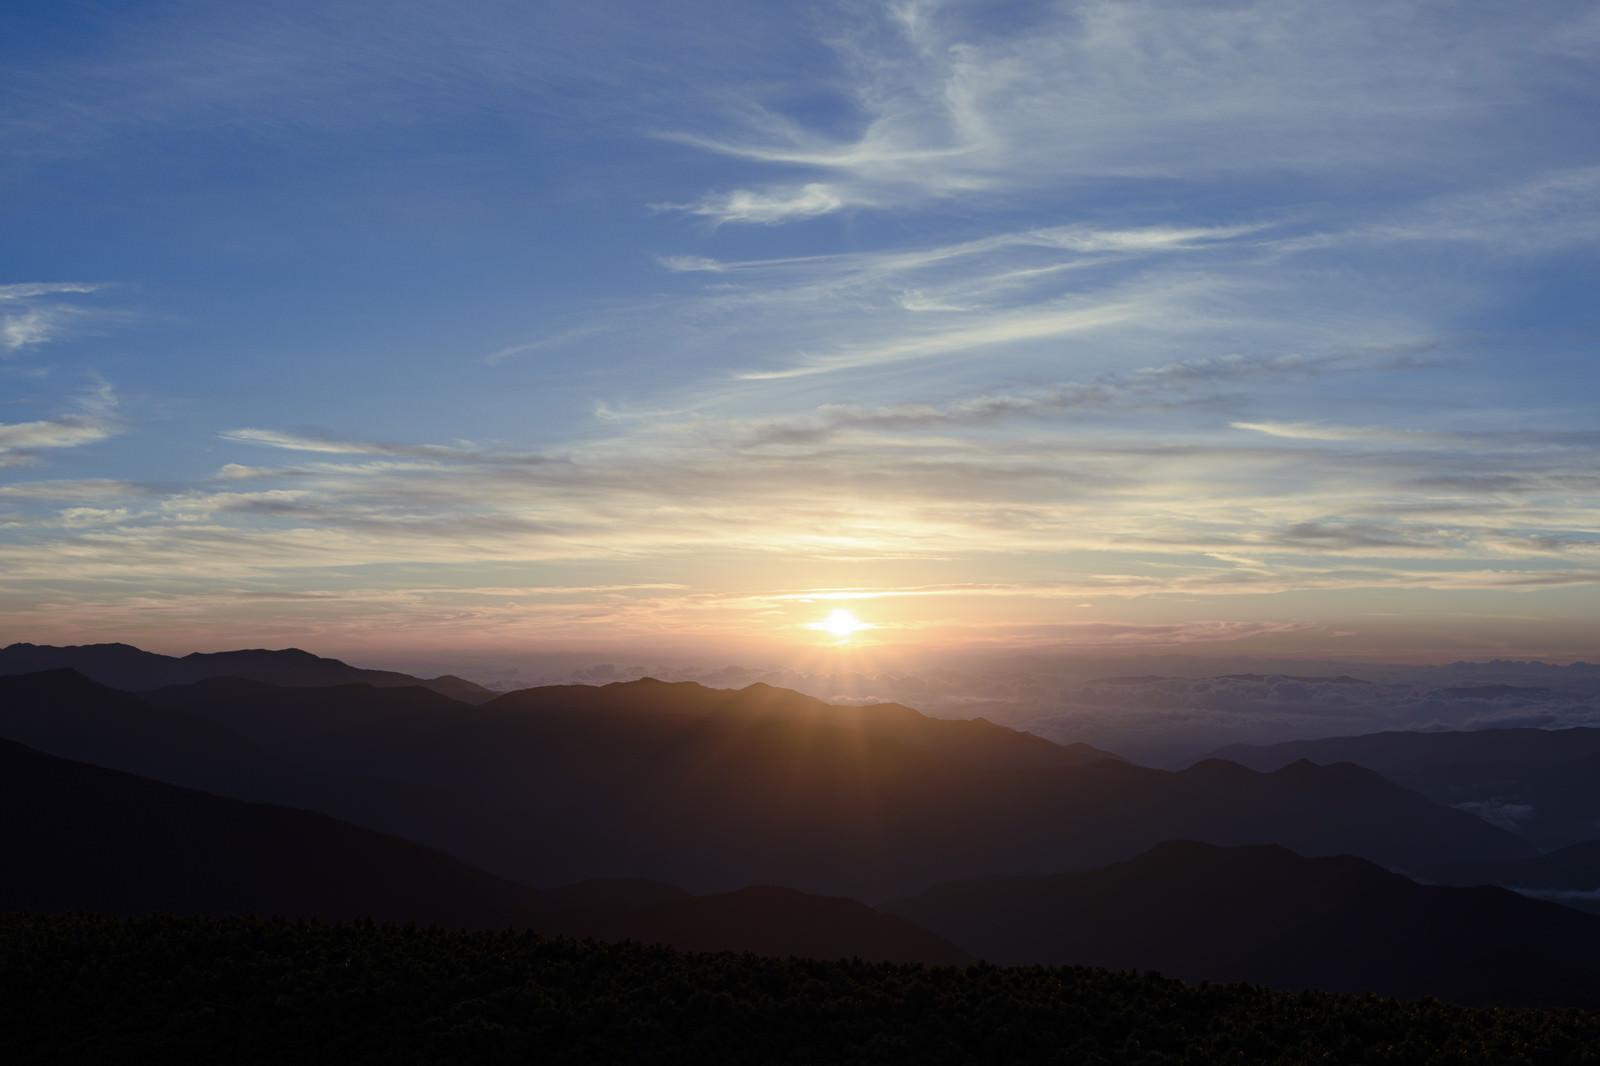 「乗鞍岳で迎えるご来光(飛騨山脈)」の写真